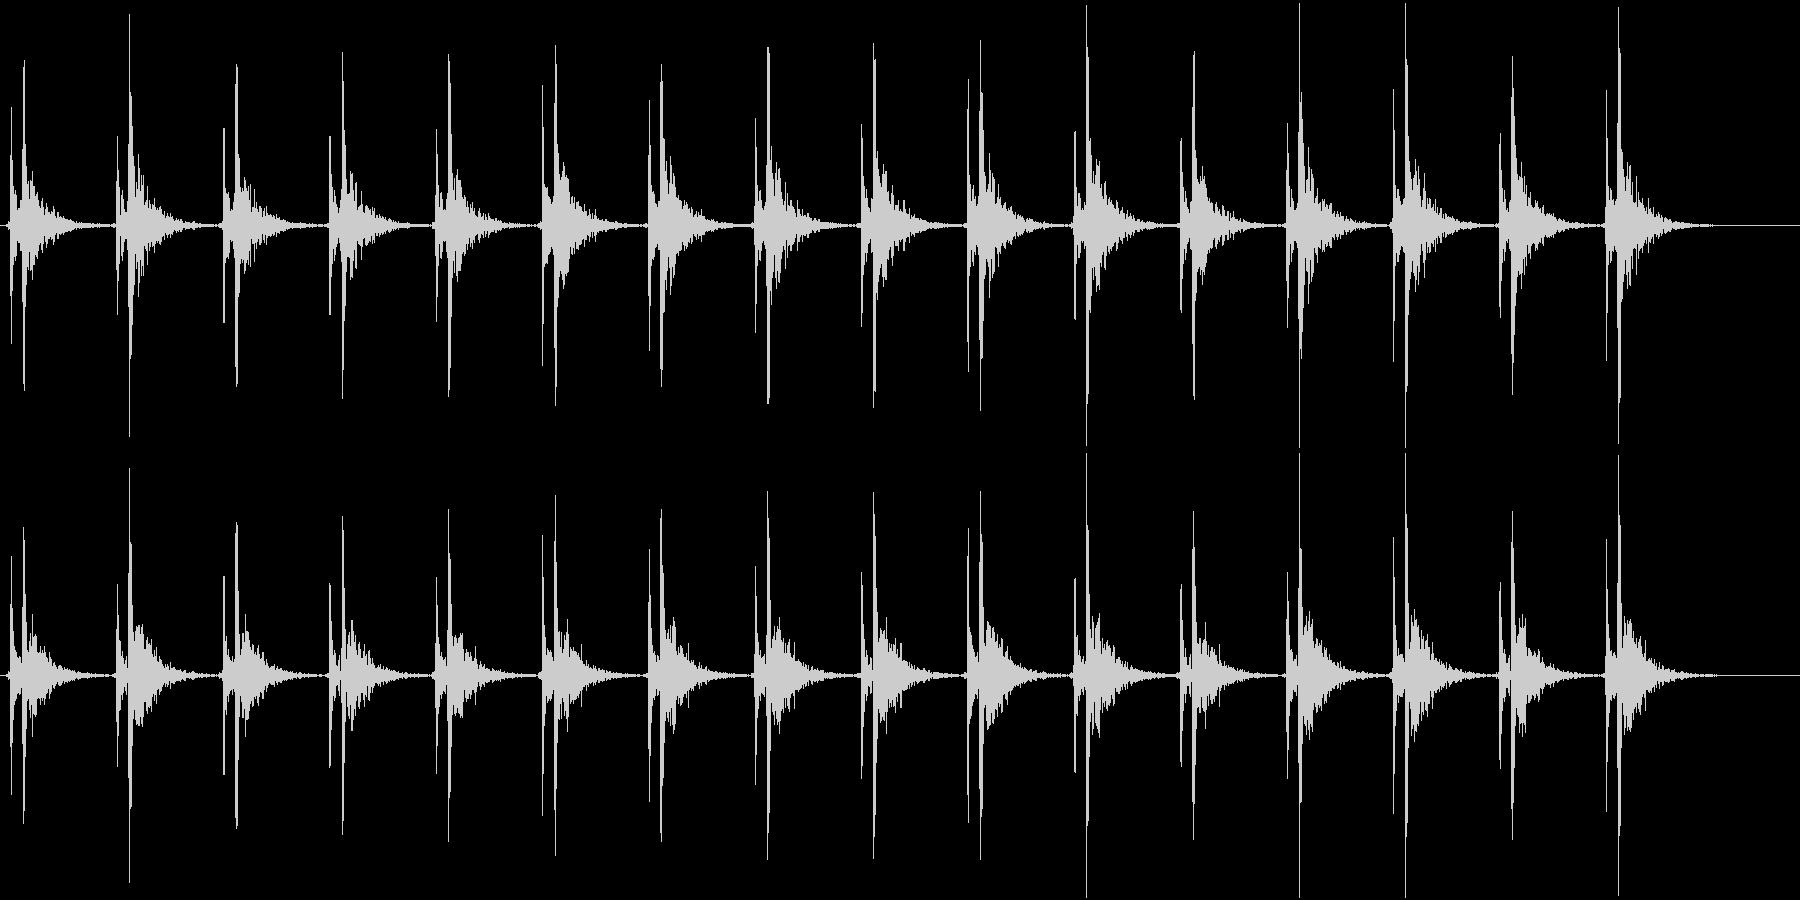 心臓の音(遅い)の未再生の波形